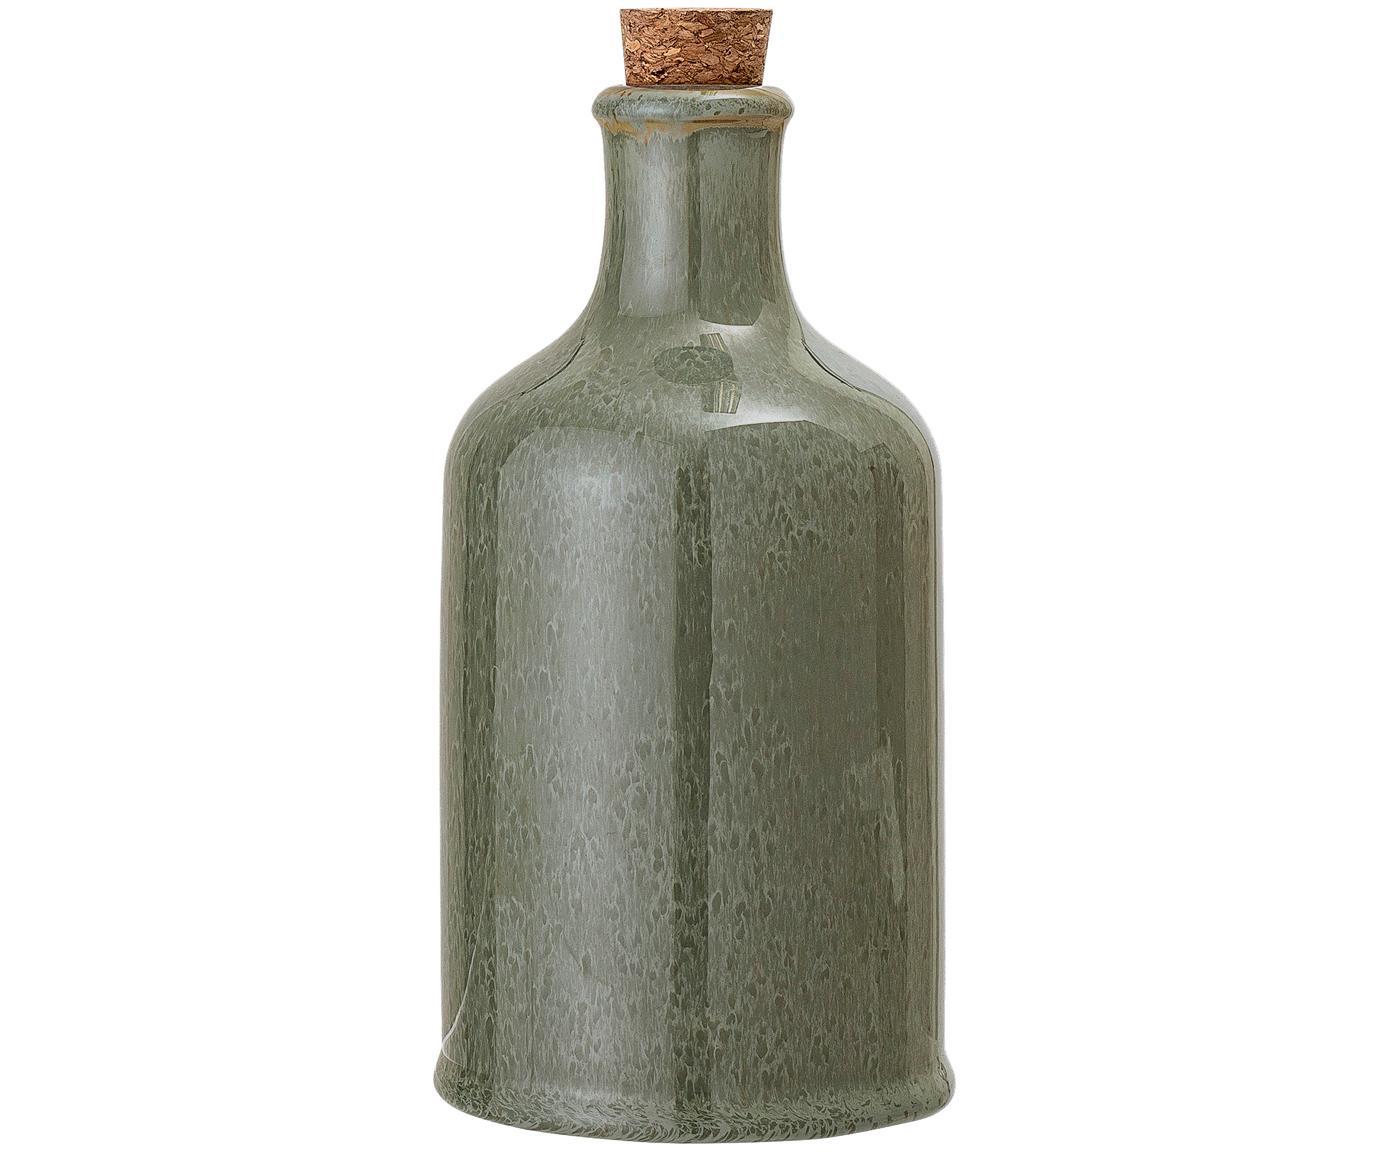 Karafka na ocet i olej Pixie, Odcienie zielonego, Ø 10 x W 19 cm